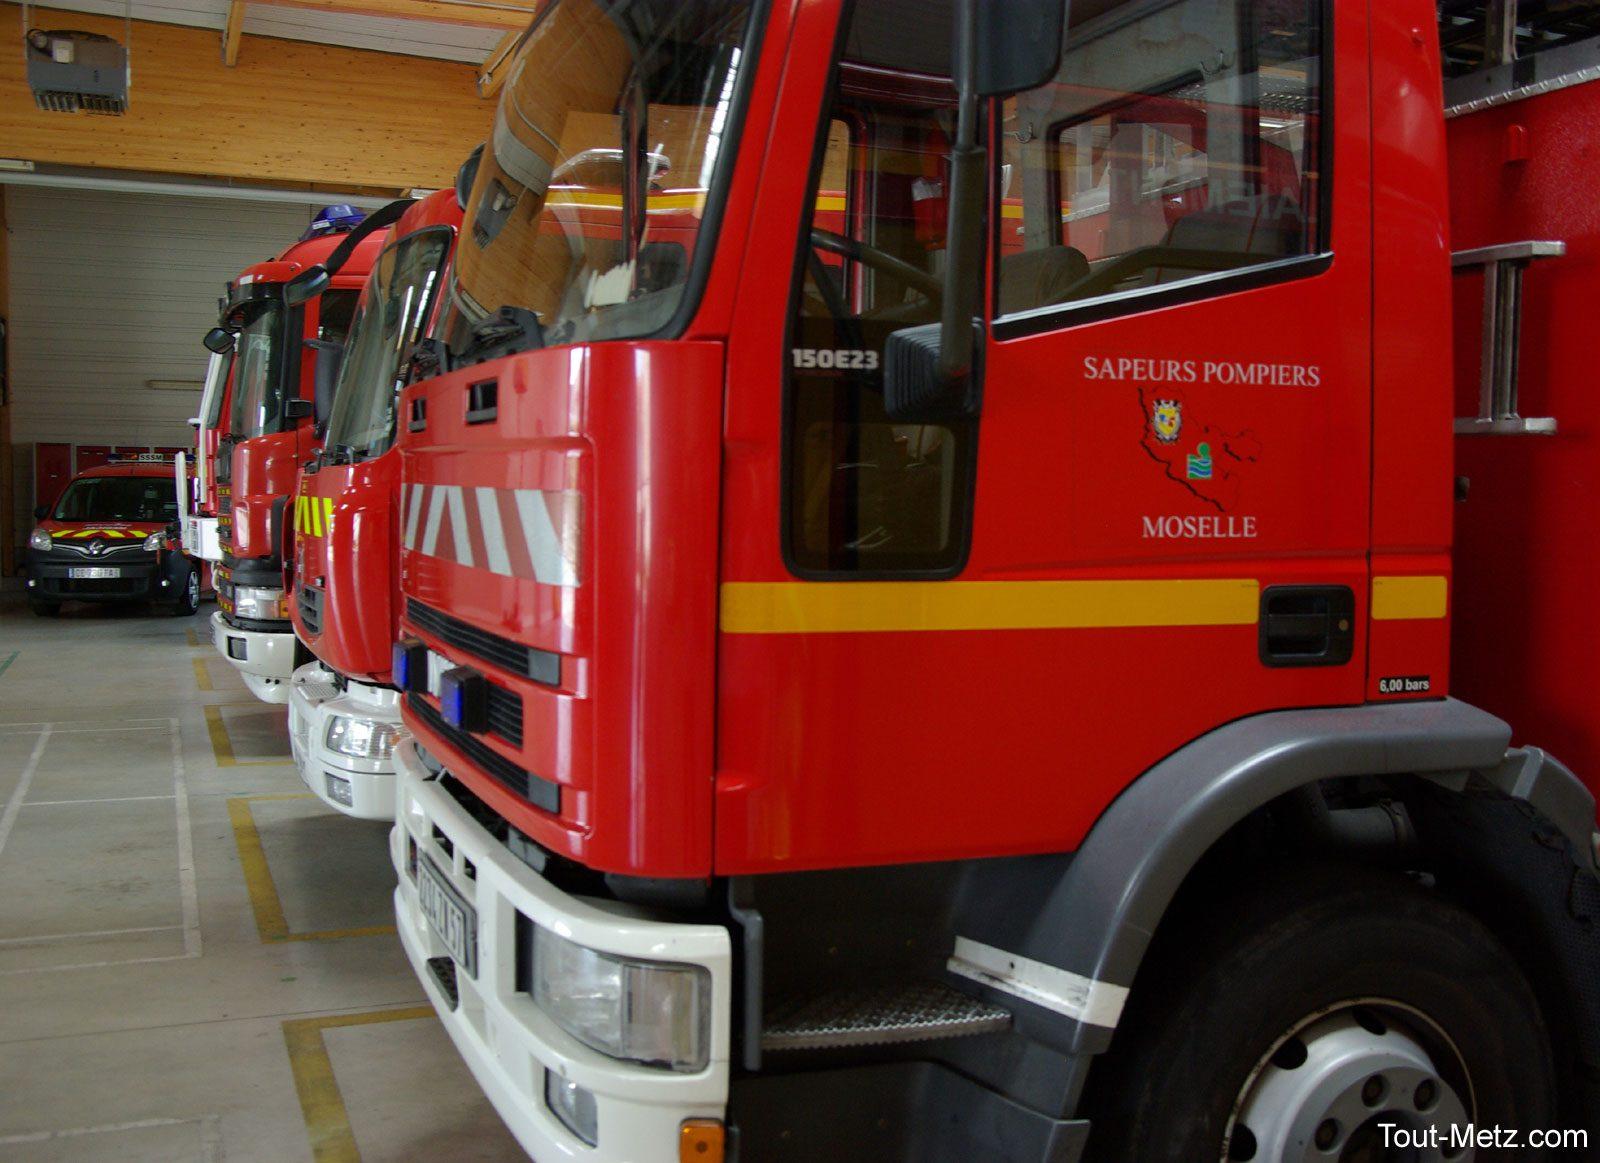 Maizières-lès-Metz : 20h pour maîtriser 2000 tonnes de métaux en feu